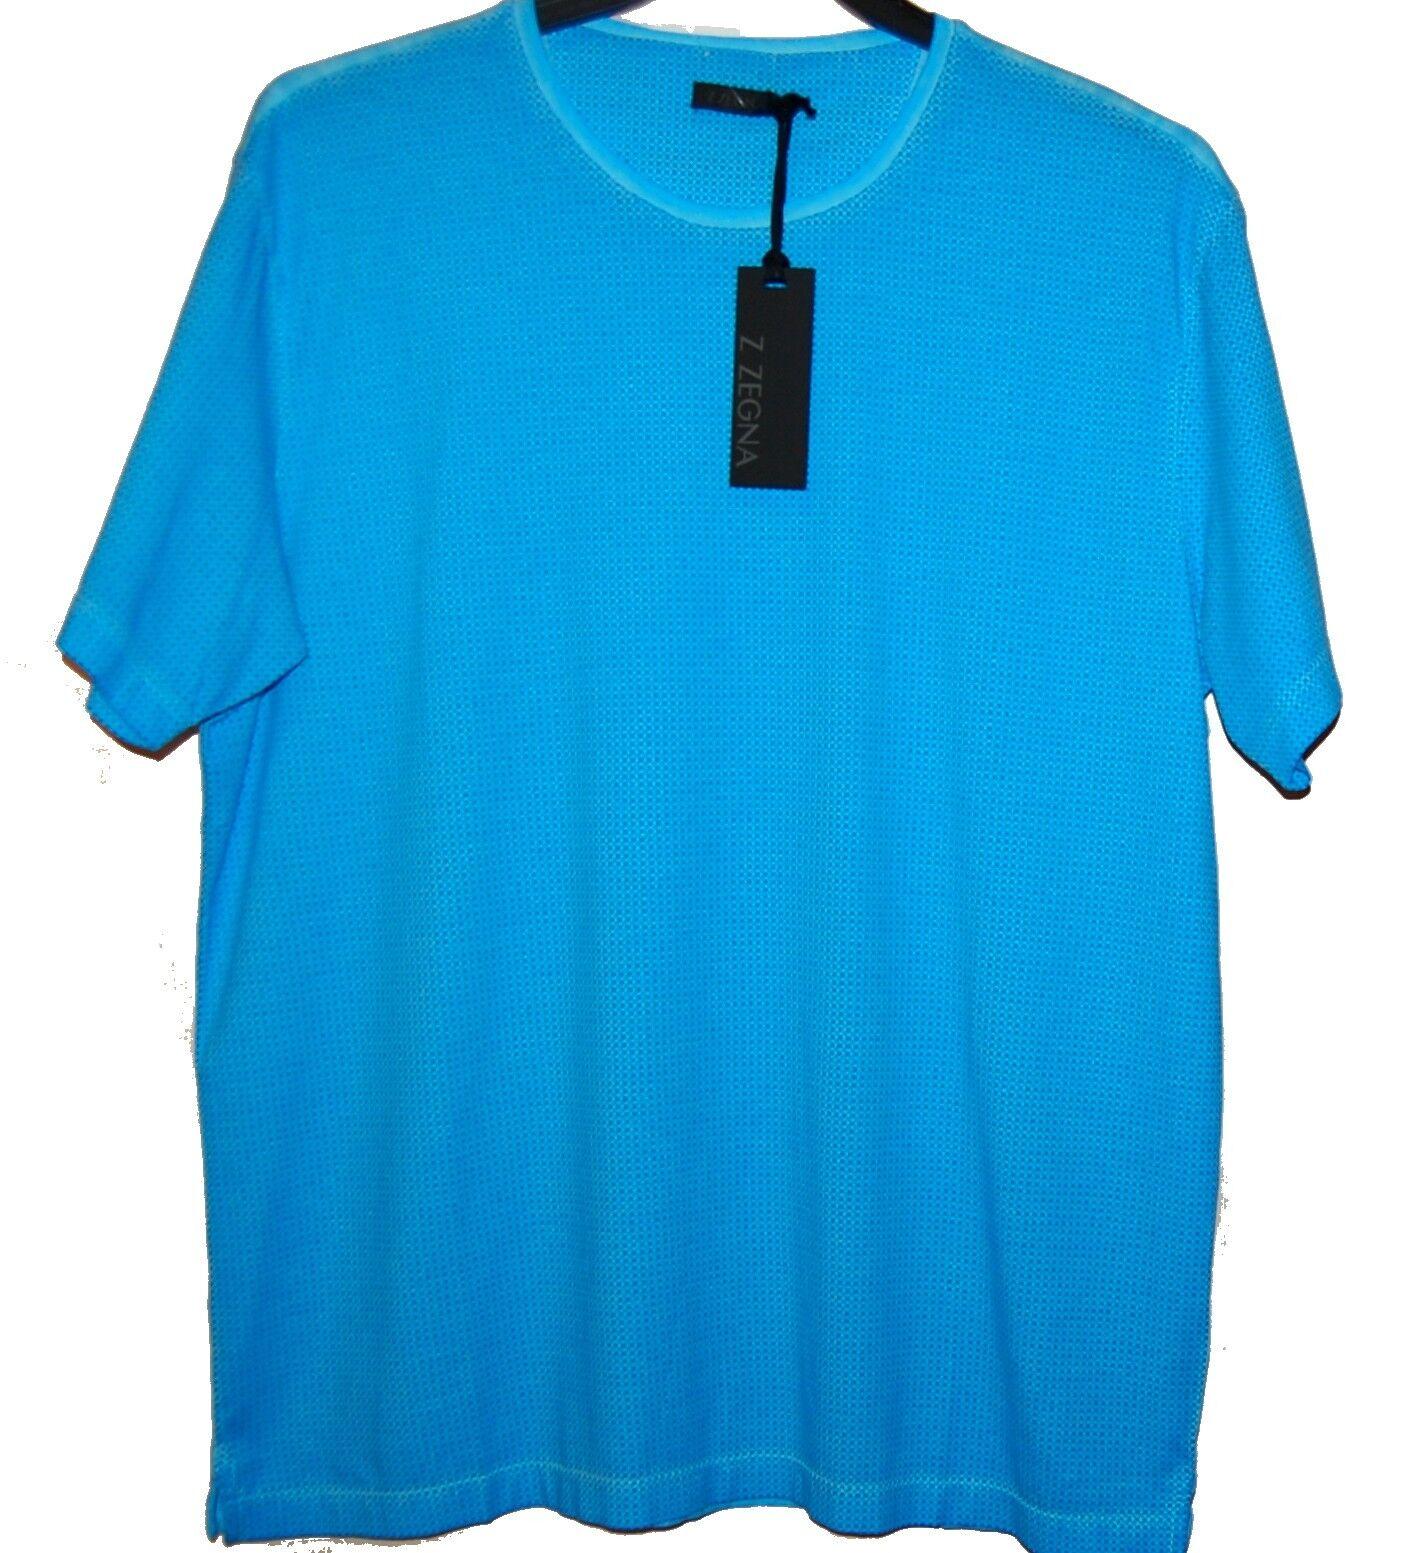 Z Zegna AUTHENTIC Men's bluee Dots Cotton T-Shirt Shirt Sz XL